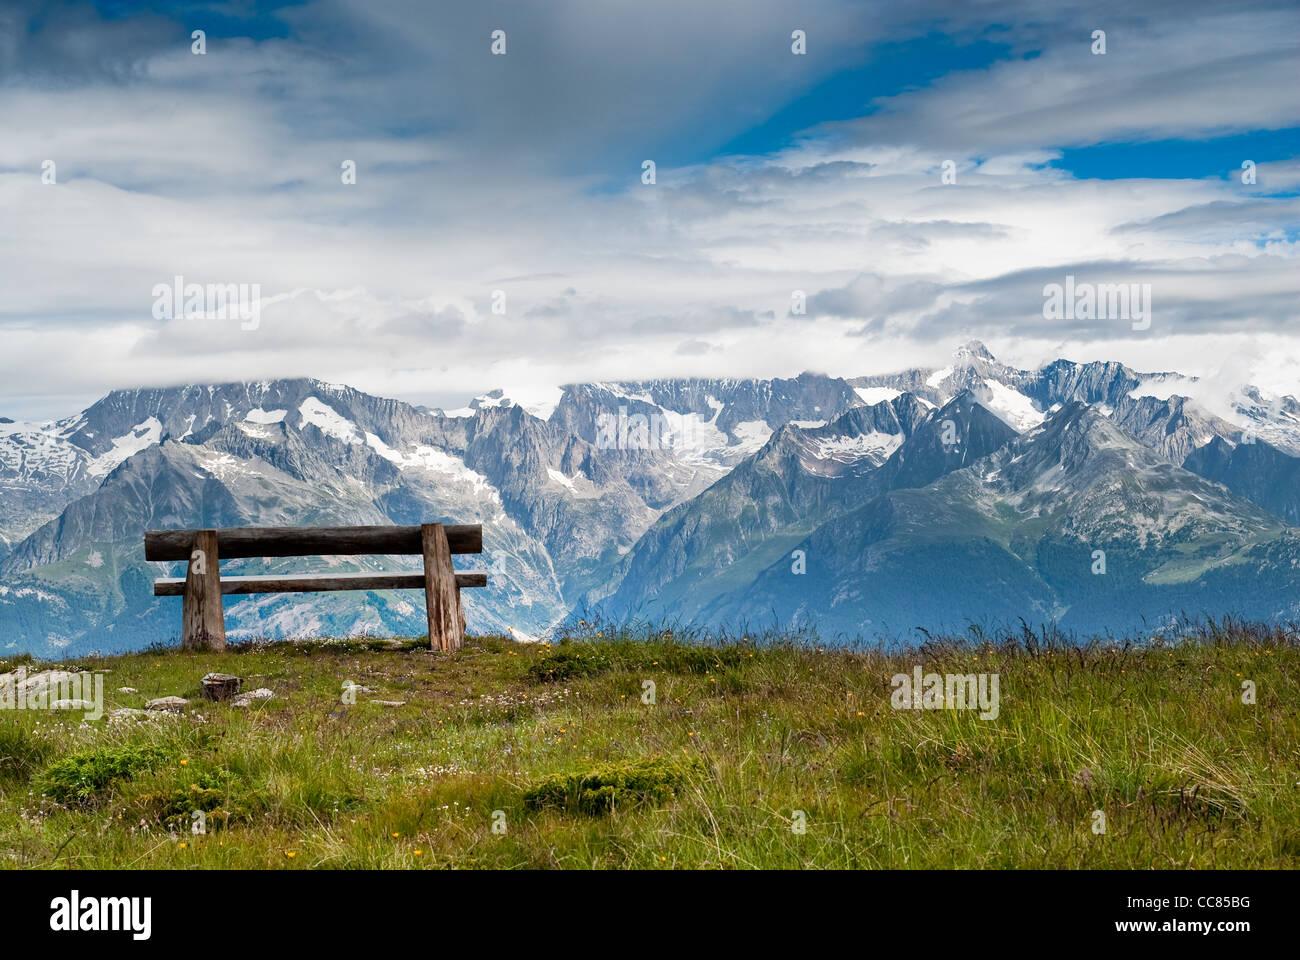 Banco del parque vacío en la alta montaña, vista desde Hannigalp, Wallis, Suiza Imagen De Stock